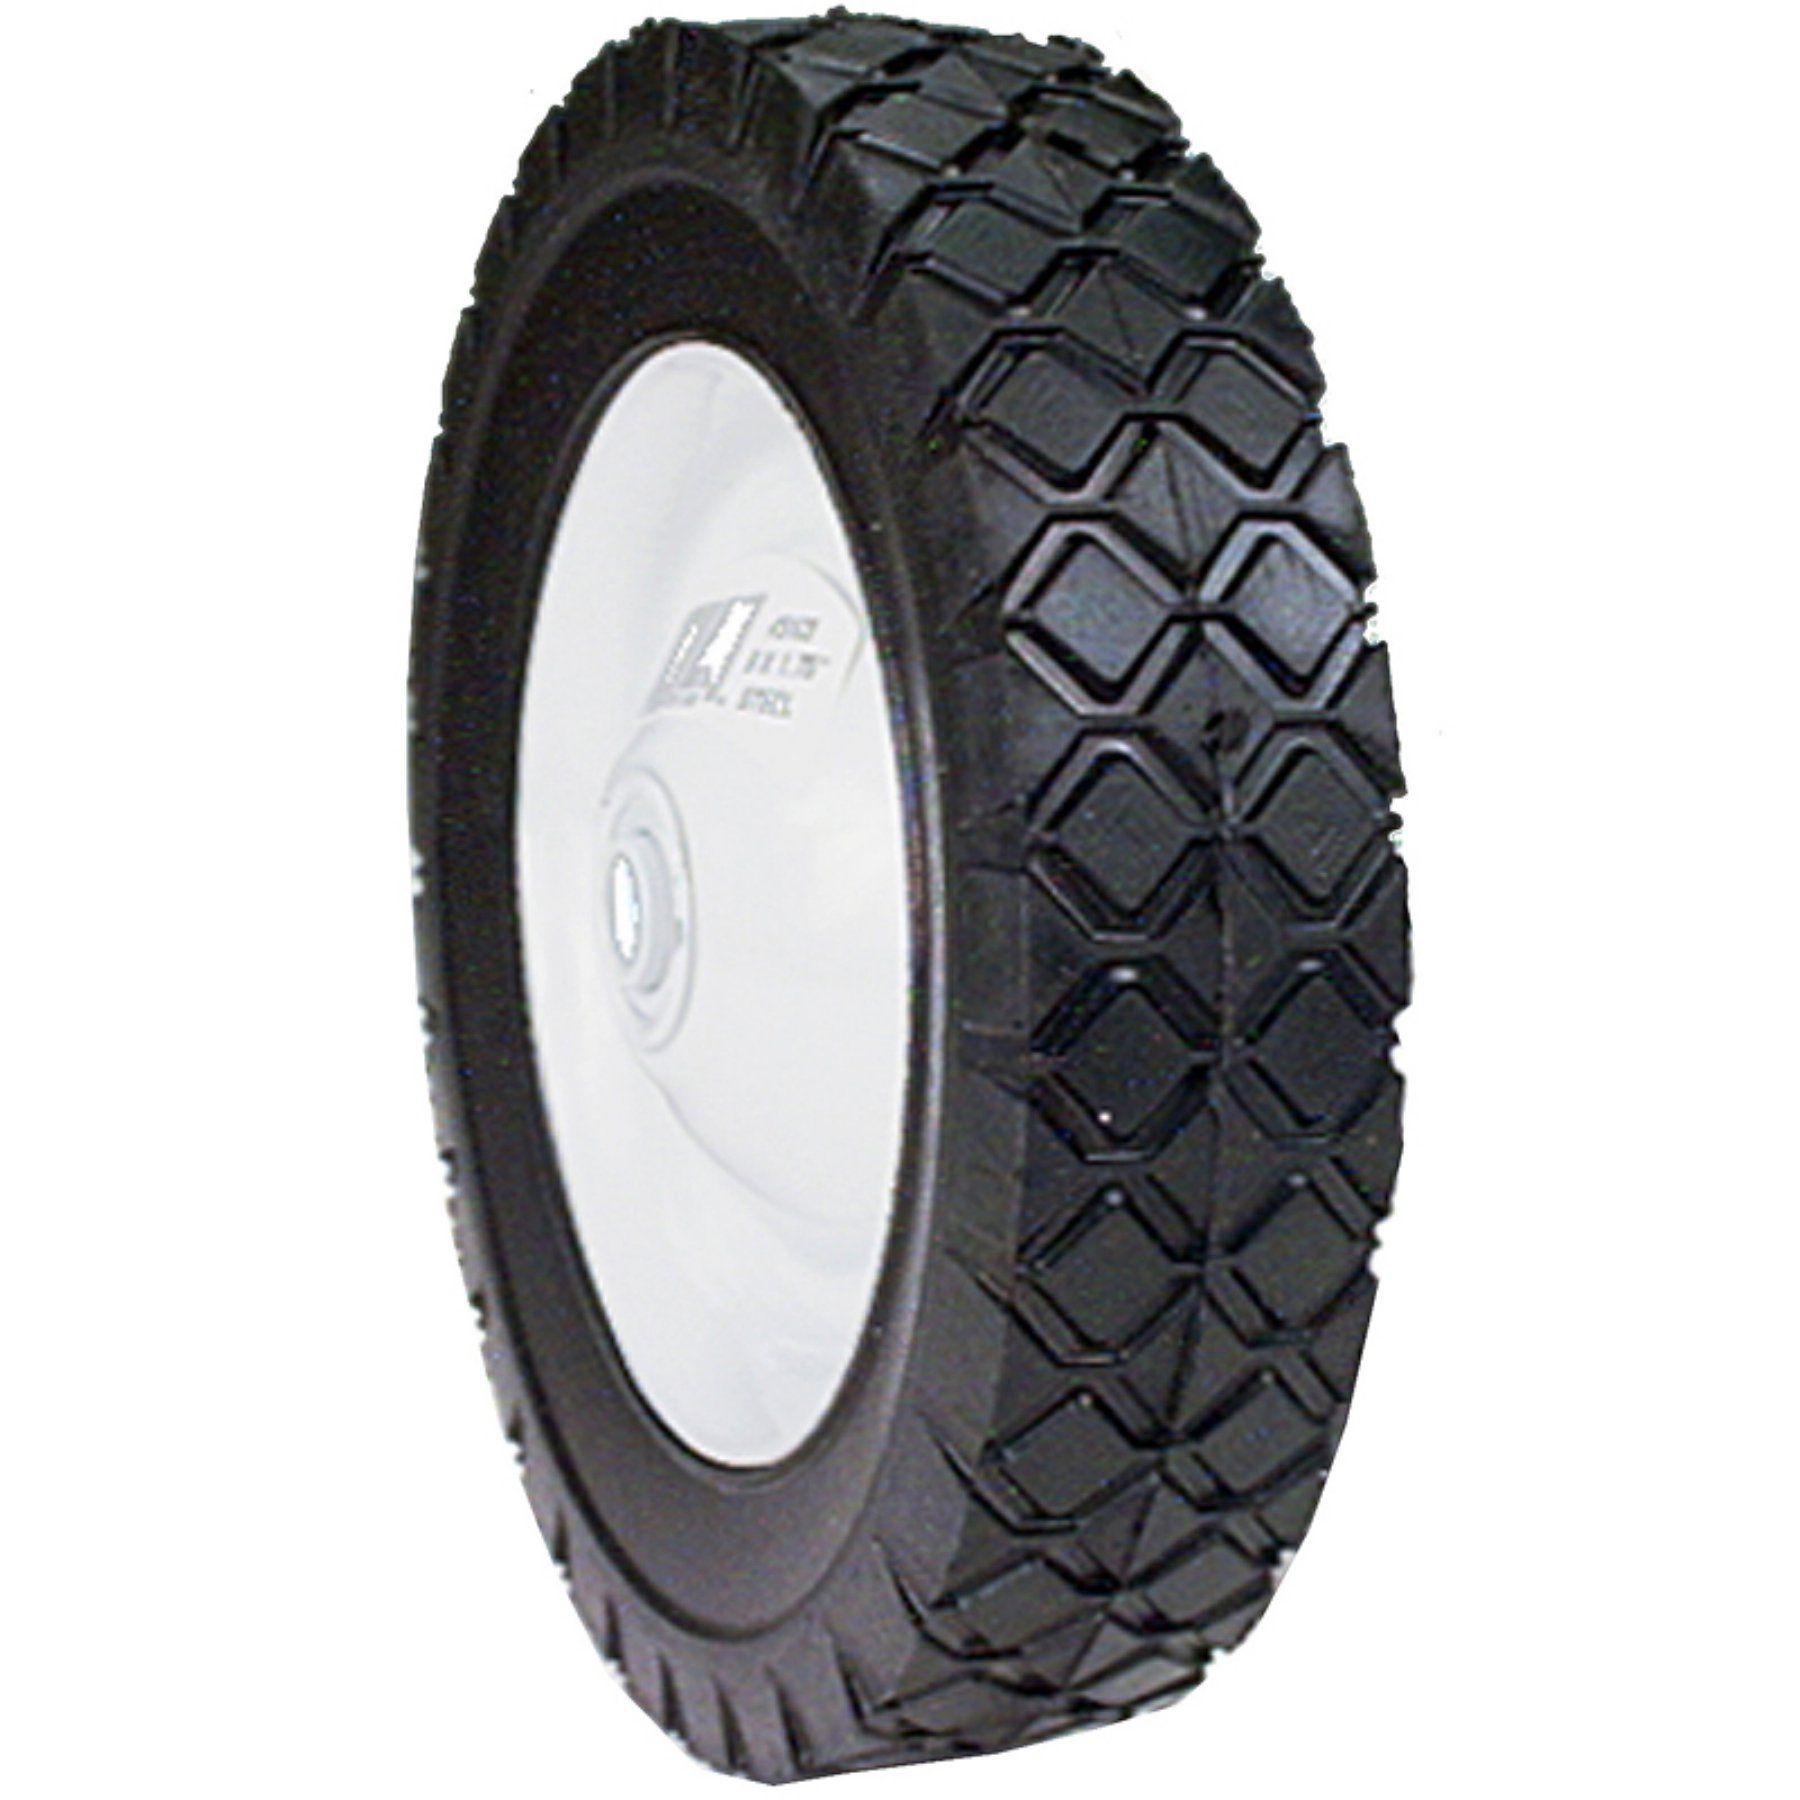 Maxpower Steel Lawn Mower Wheel 1352 3097